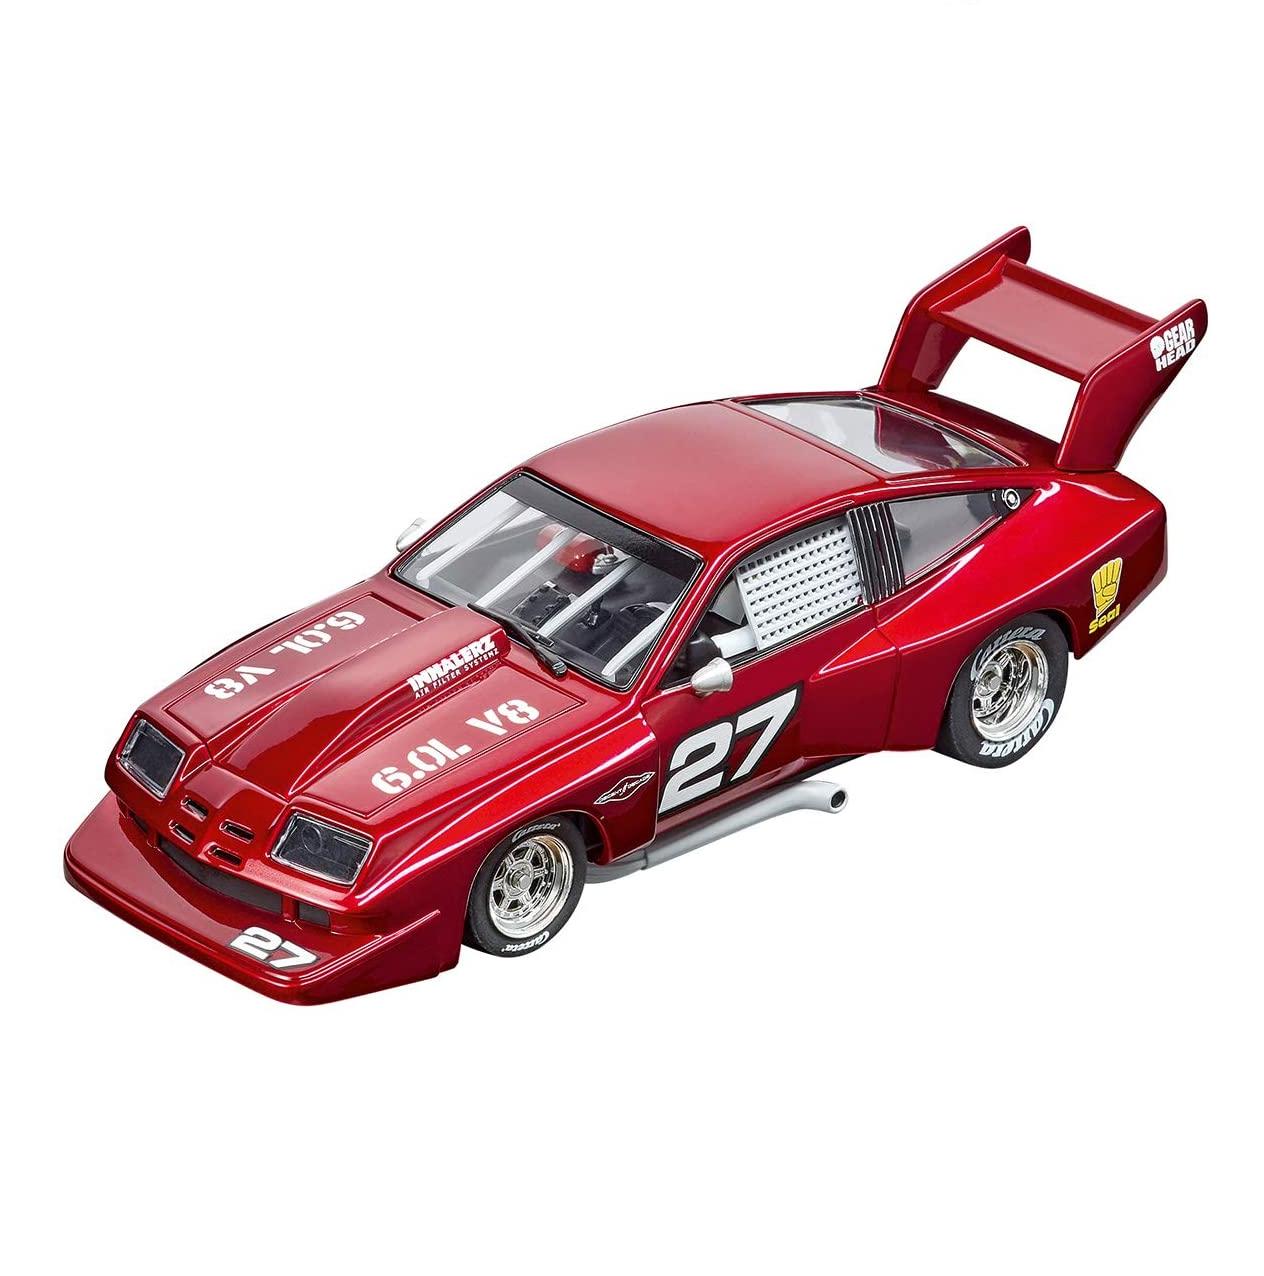 1:32 Carrera Chevrolet Dekon Monza #27 Slot Racing Car